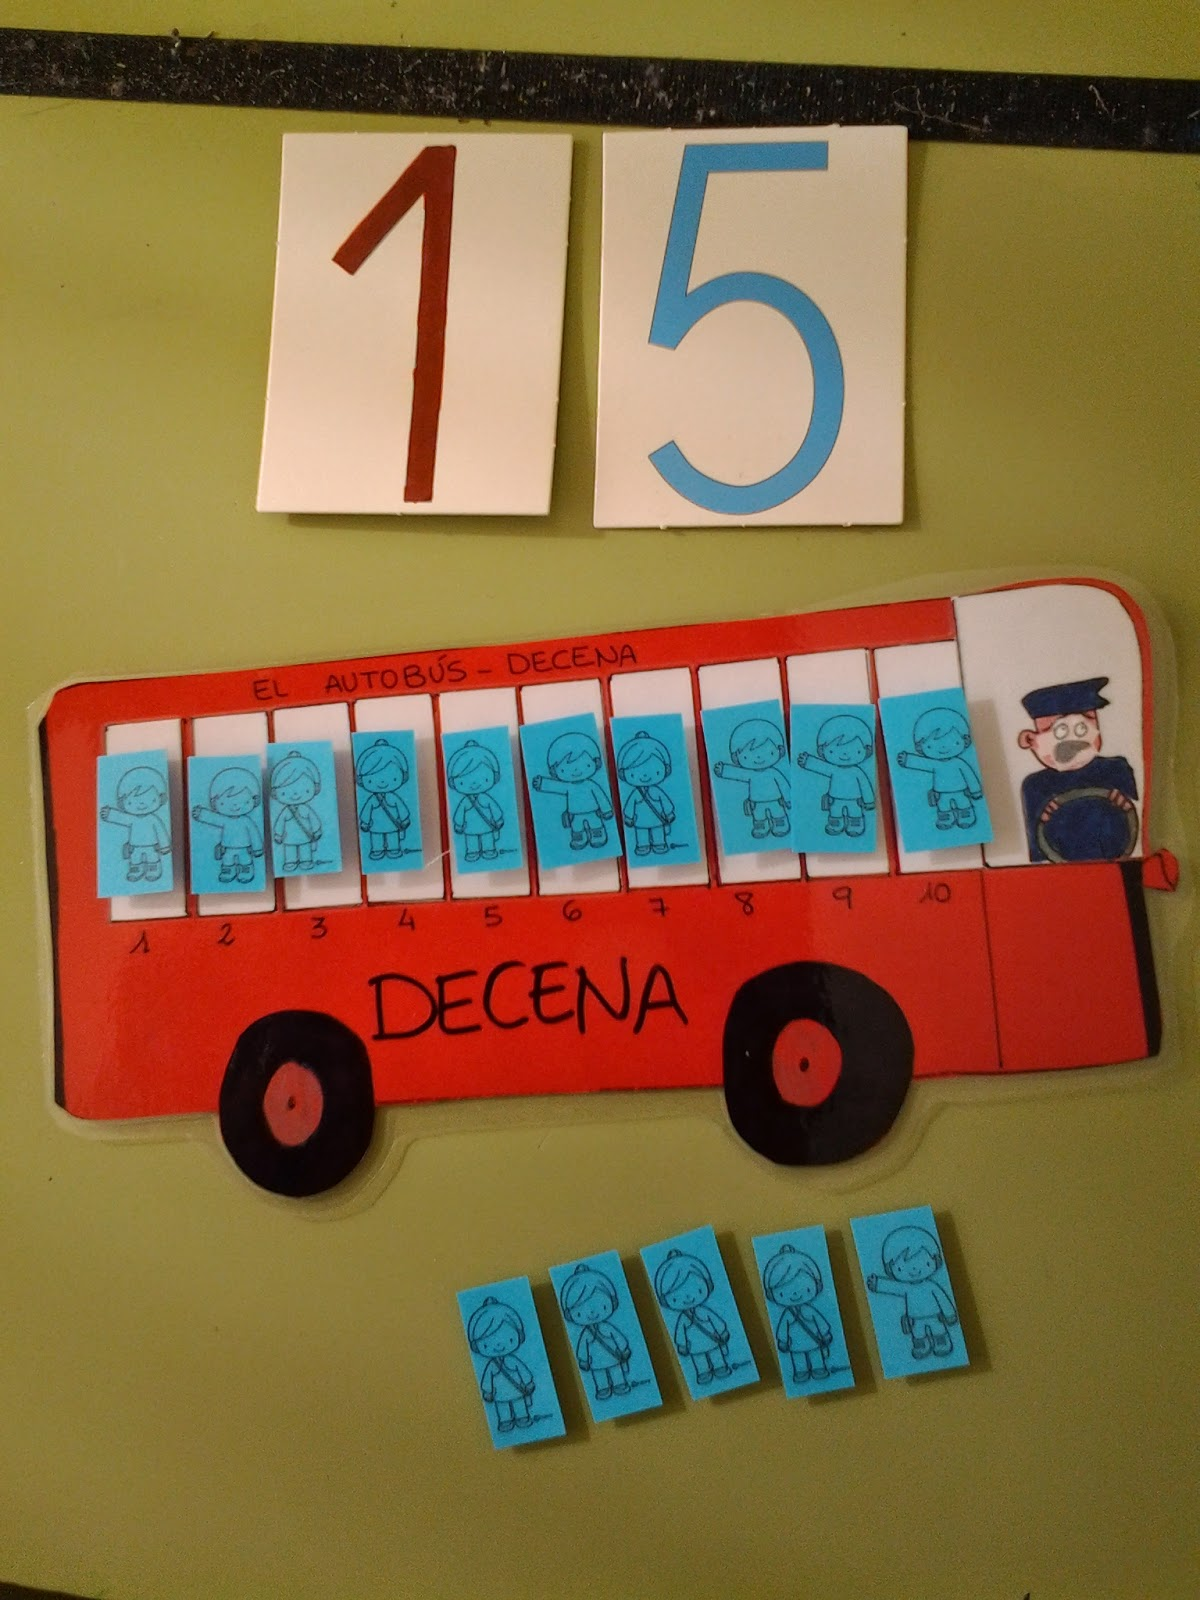 hago y comprendo: El autobús \